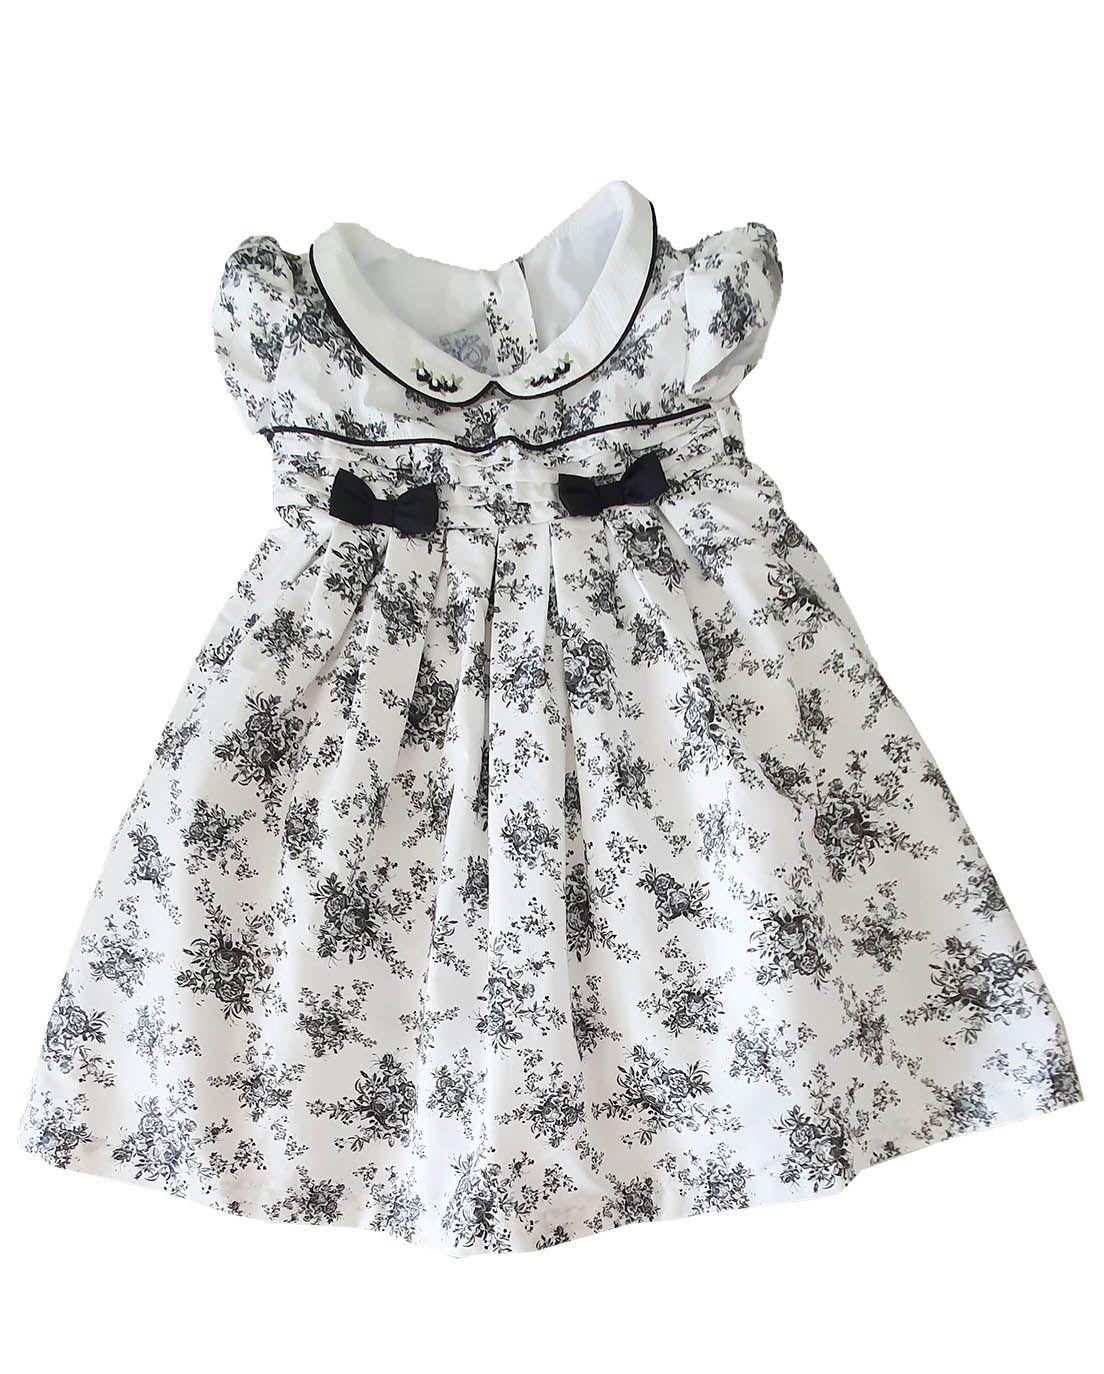 Vestido Festa  infantil em Tricoline  Póssum  Floral miúdo e preto